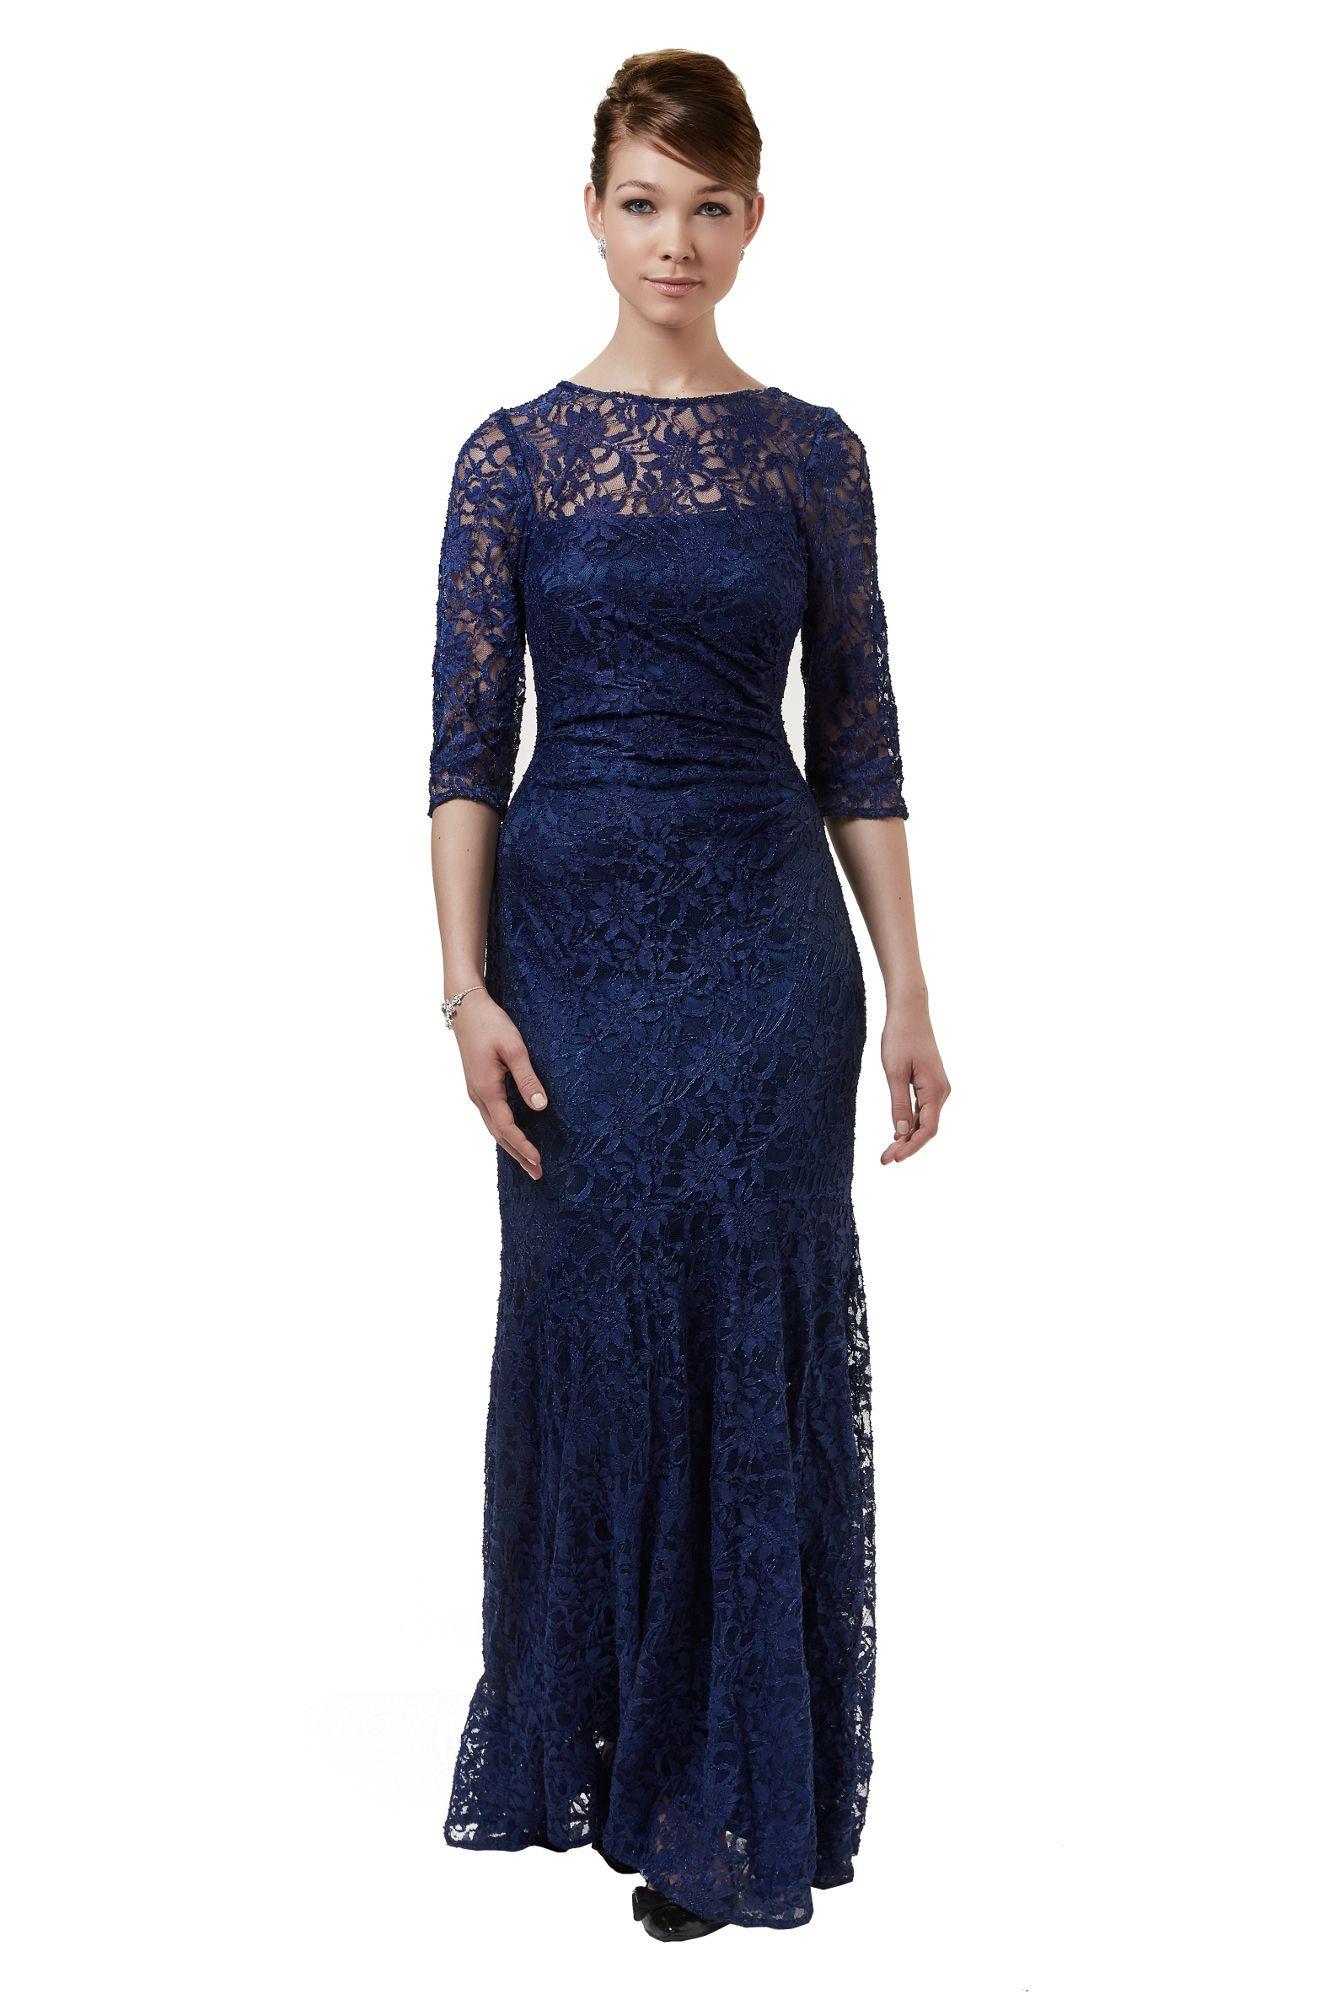 20 Schön Langes Abendkleid Dunkelblau DesignFormal Luxurius Langes Abendkleid Dunkelblau Ärmel